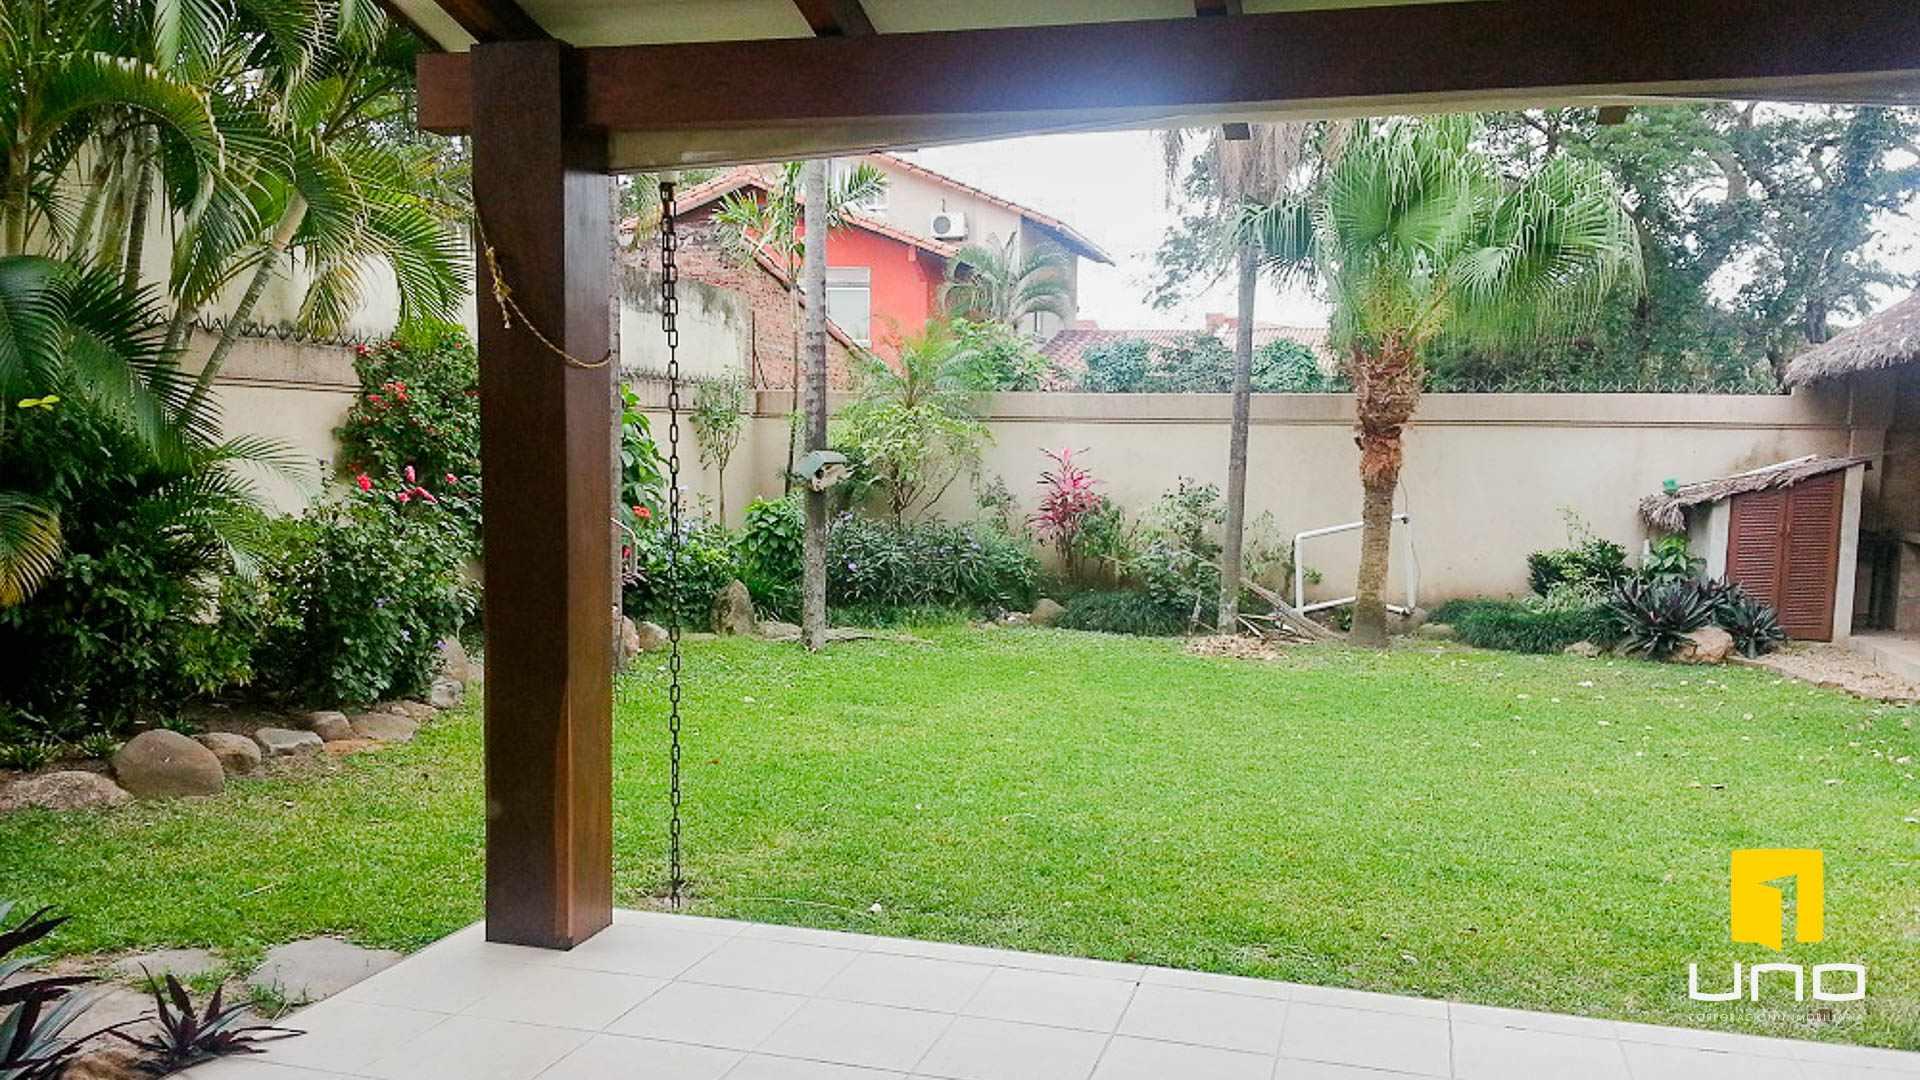 Casa en Alquiler BARRIO LAS PALMAS ALQUILO CASA COMPLETAMENTE AMOBLADA Foto 12